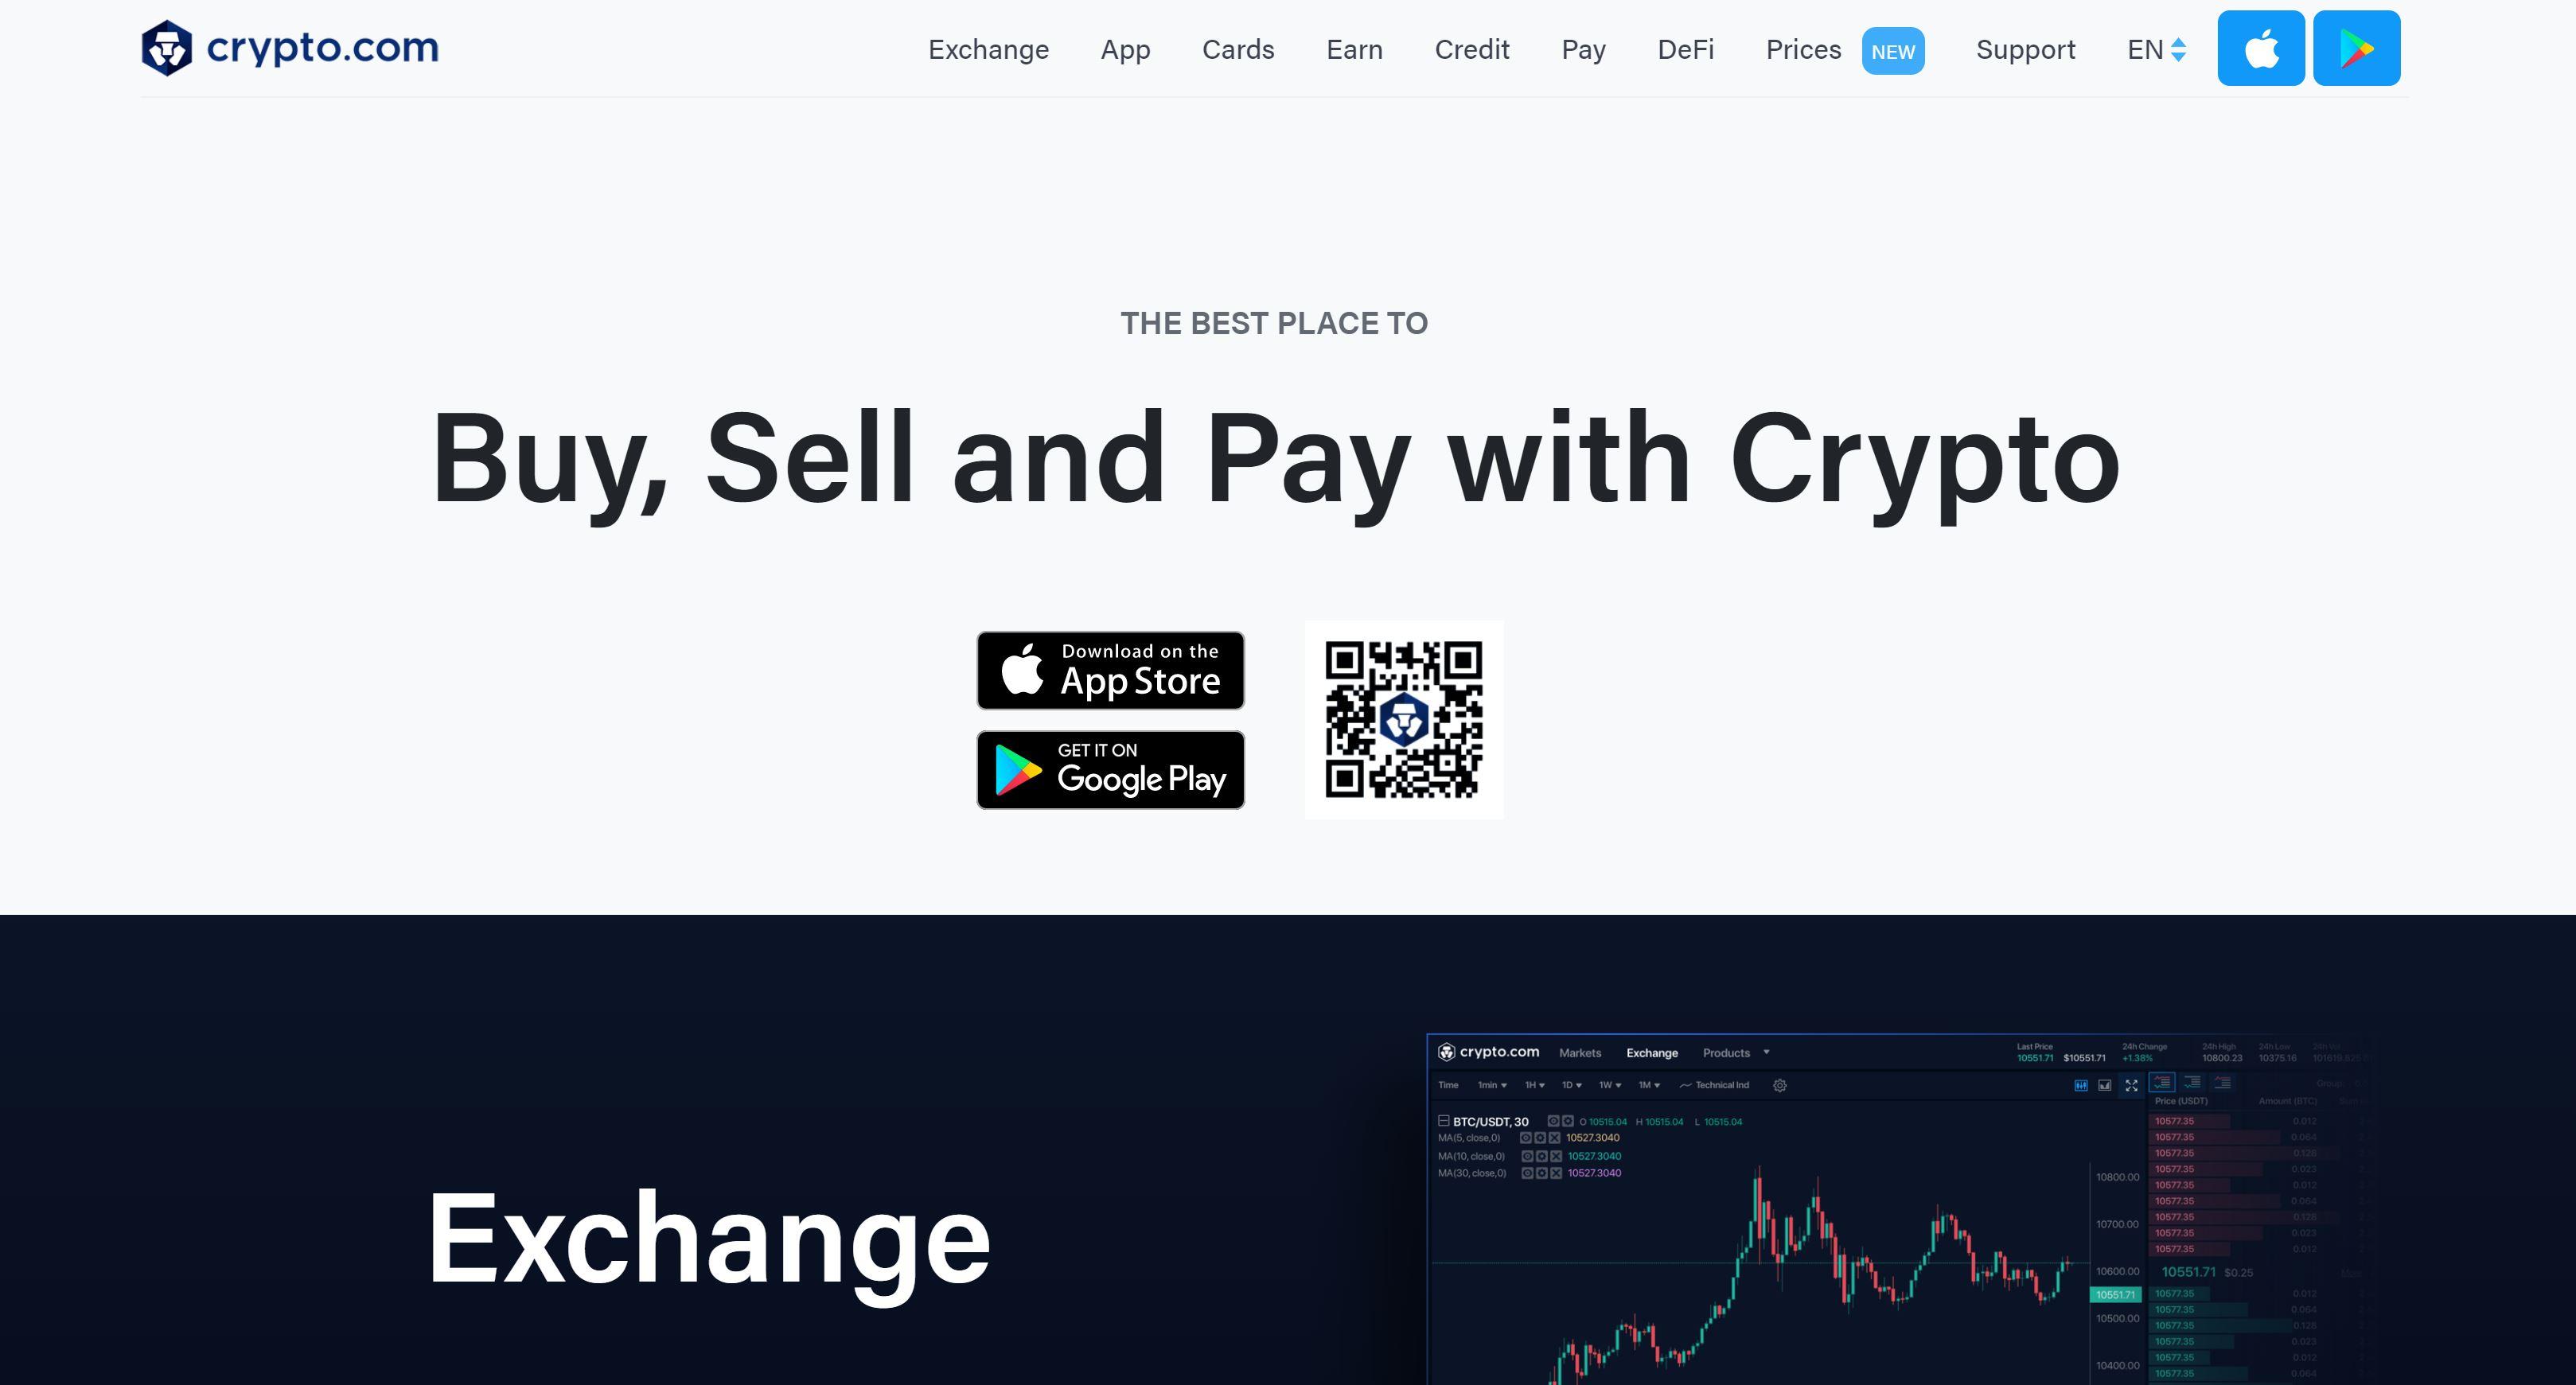 Crypto.com nettsted og logo